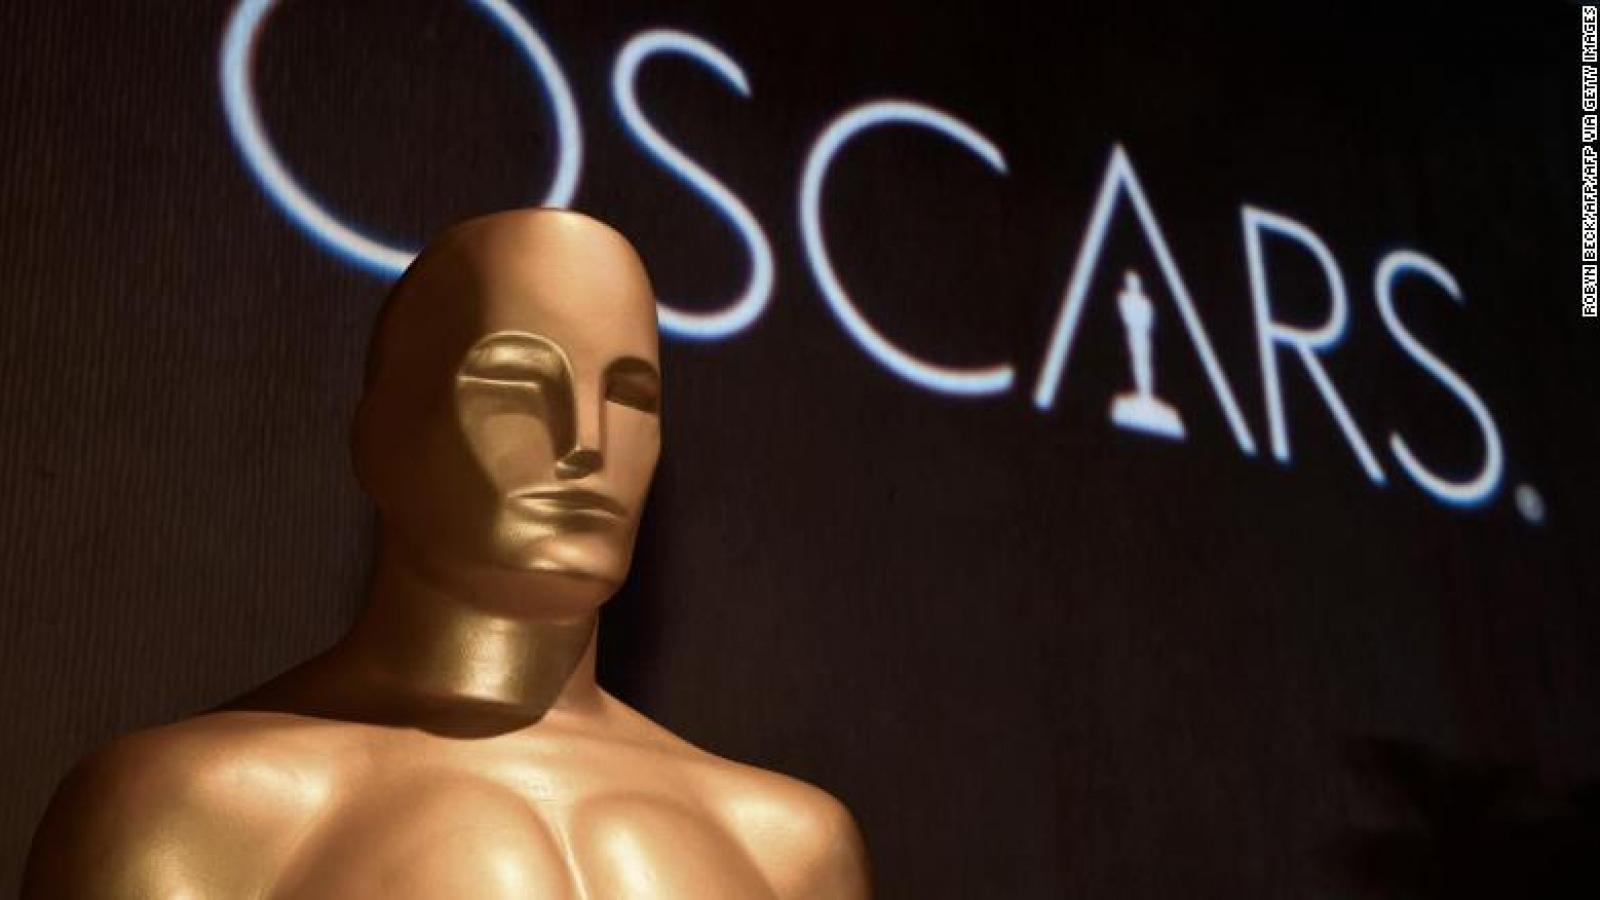 Phim chiếu mạng lần đầu được tranh giải Oscar vì dịch Covid-19